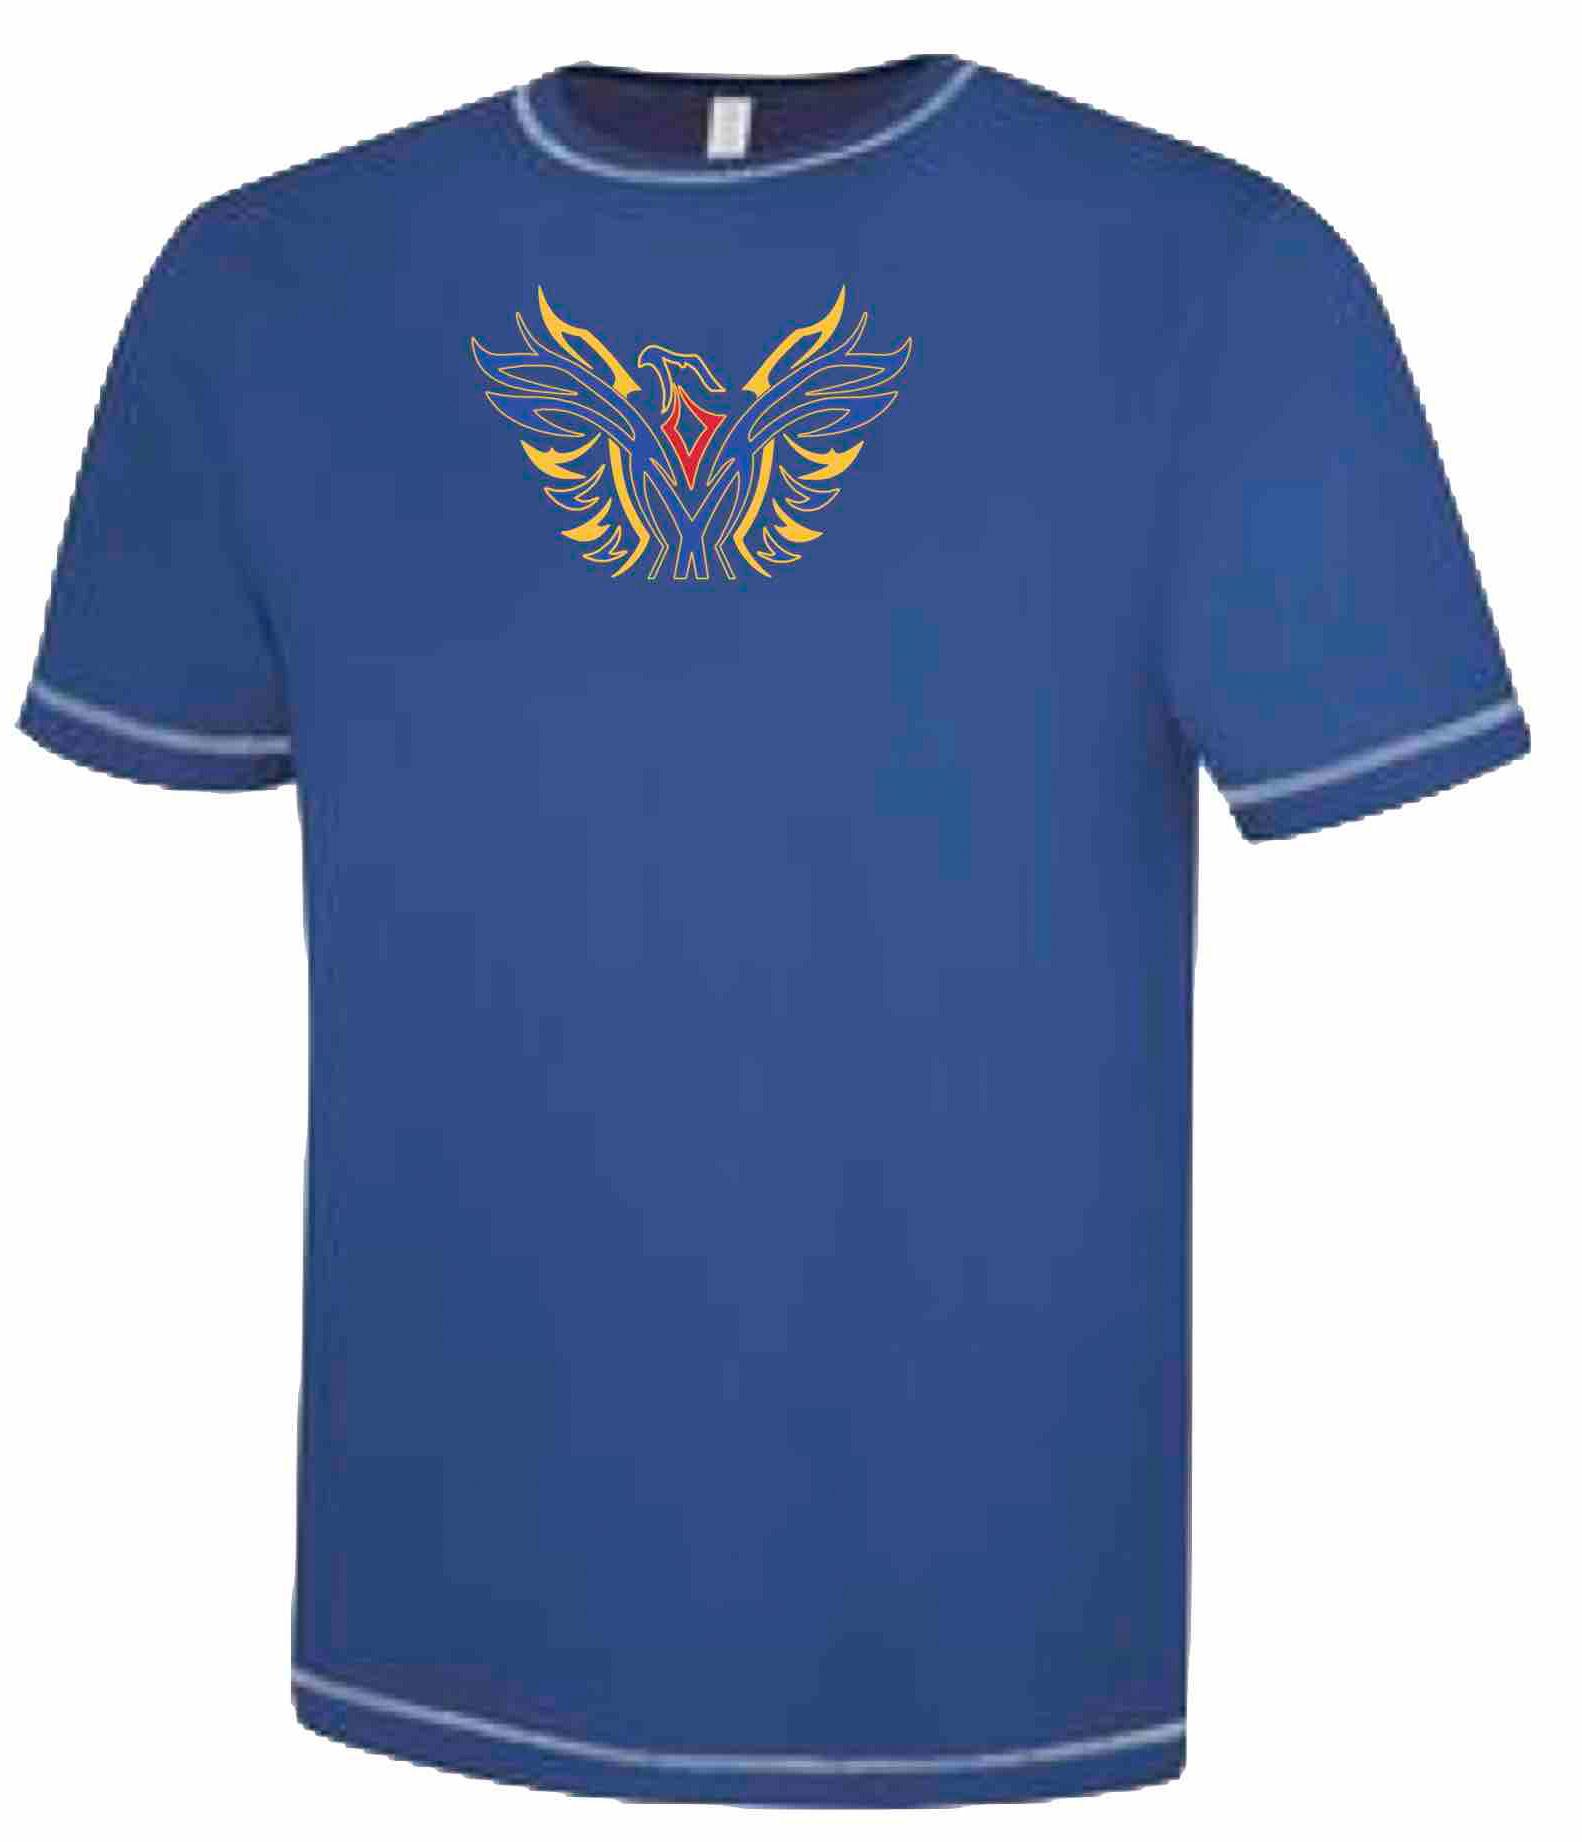 BLUE - Ultra Soft Short Sleeve Technical Shirt